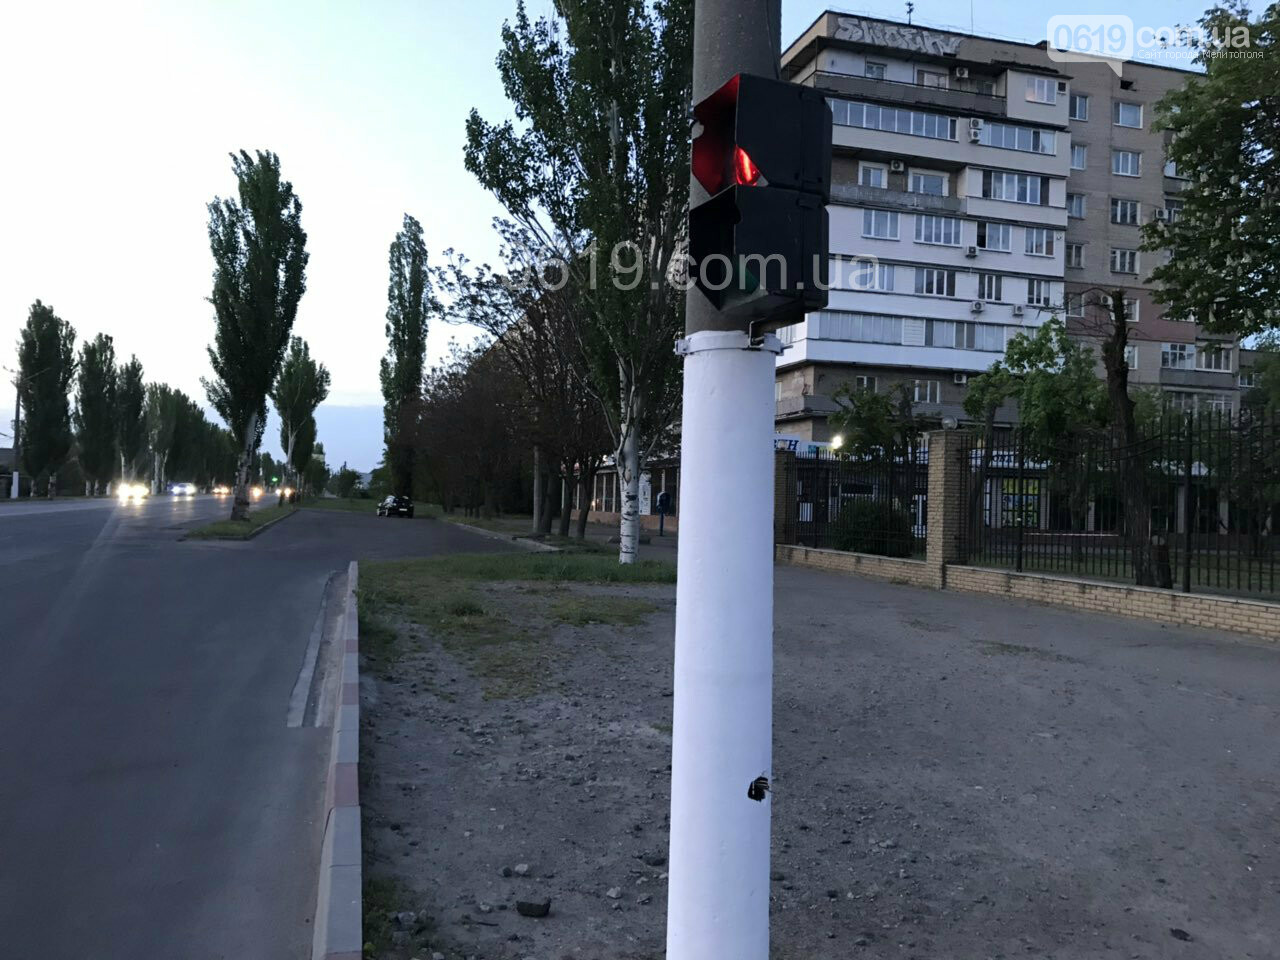 Пешеходные переходы в Мелитополе делают более безопасными , фото-1